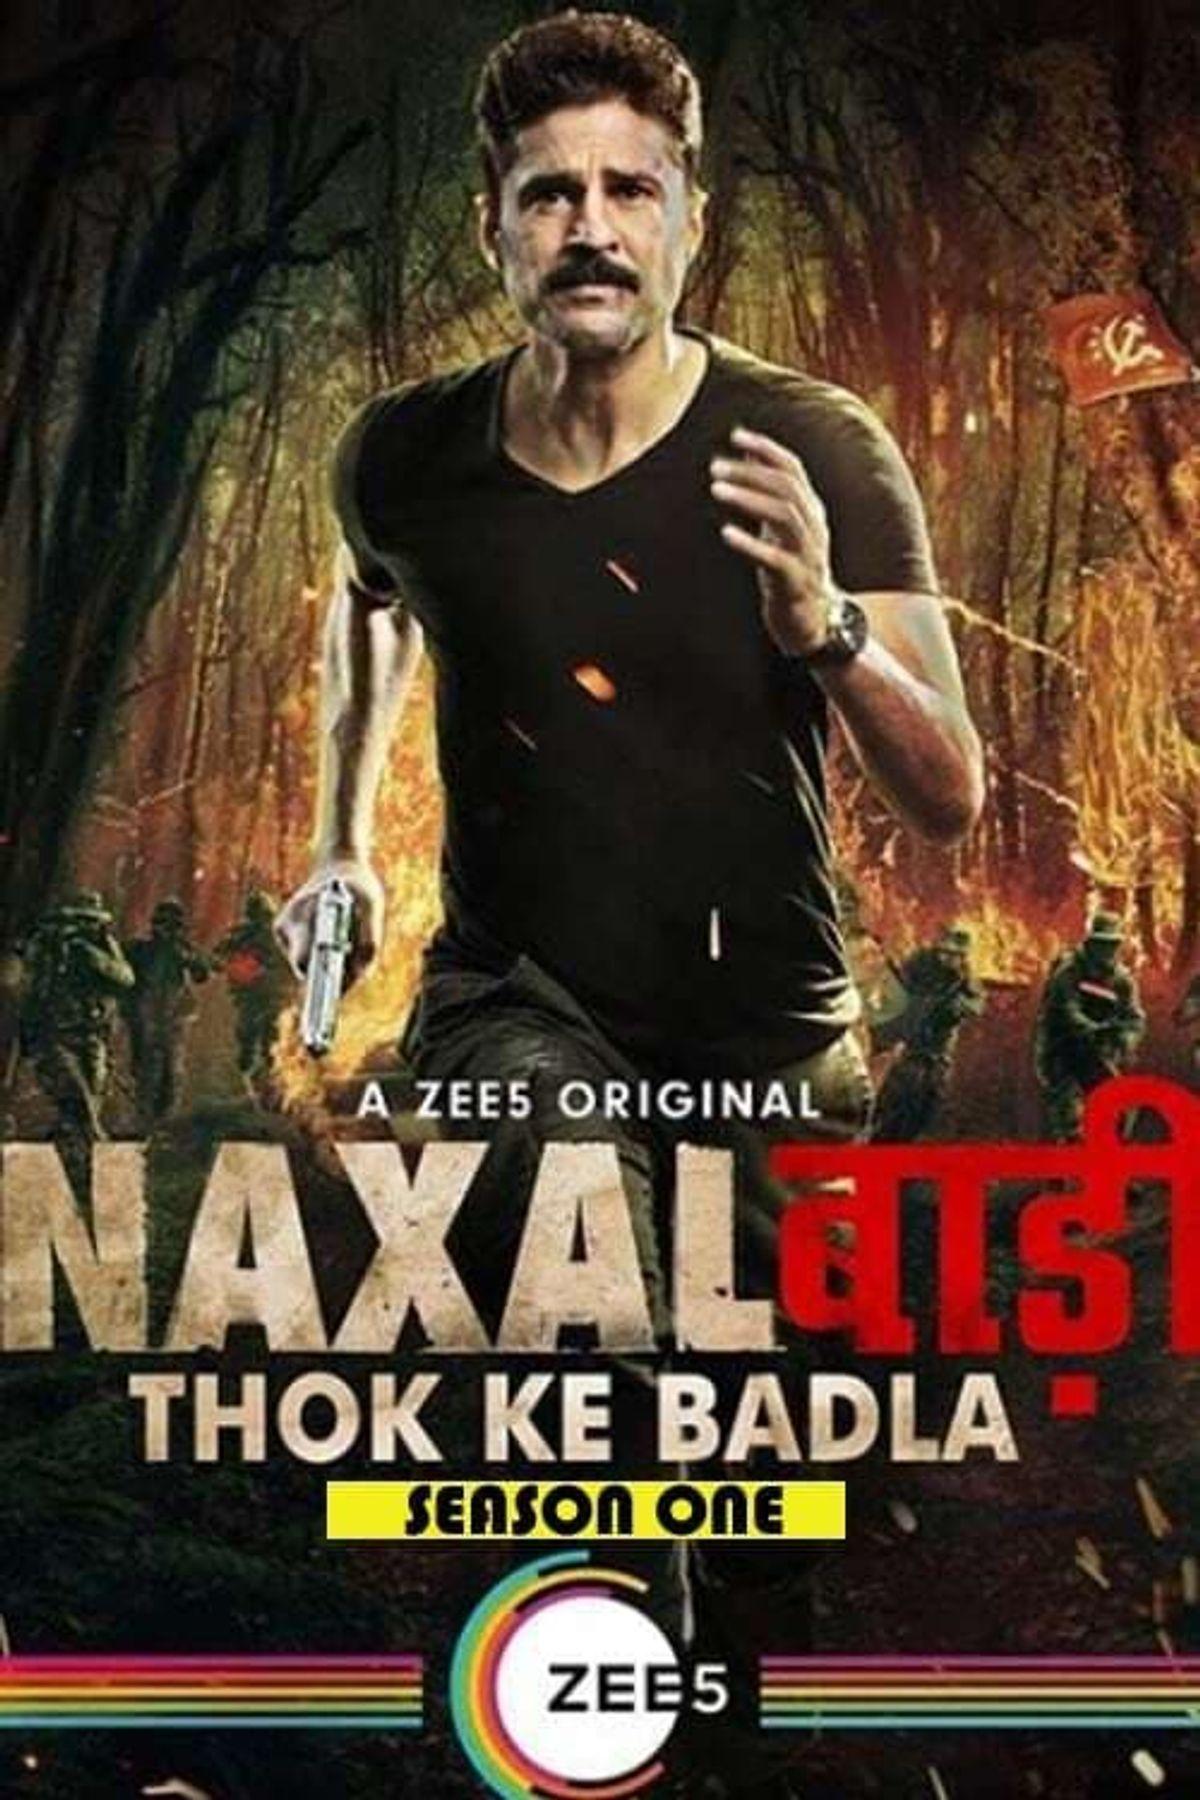 Naxalbari